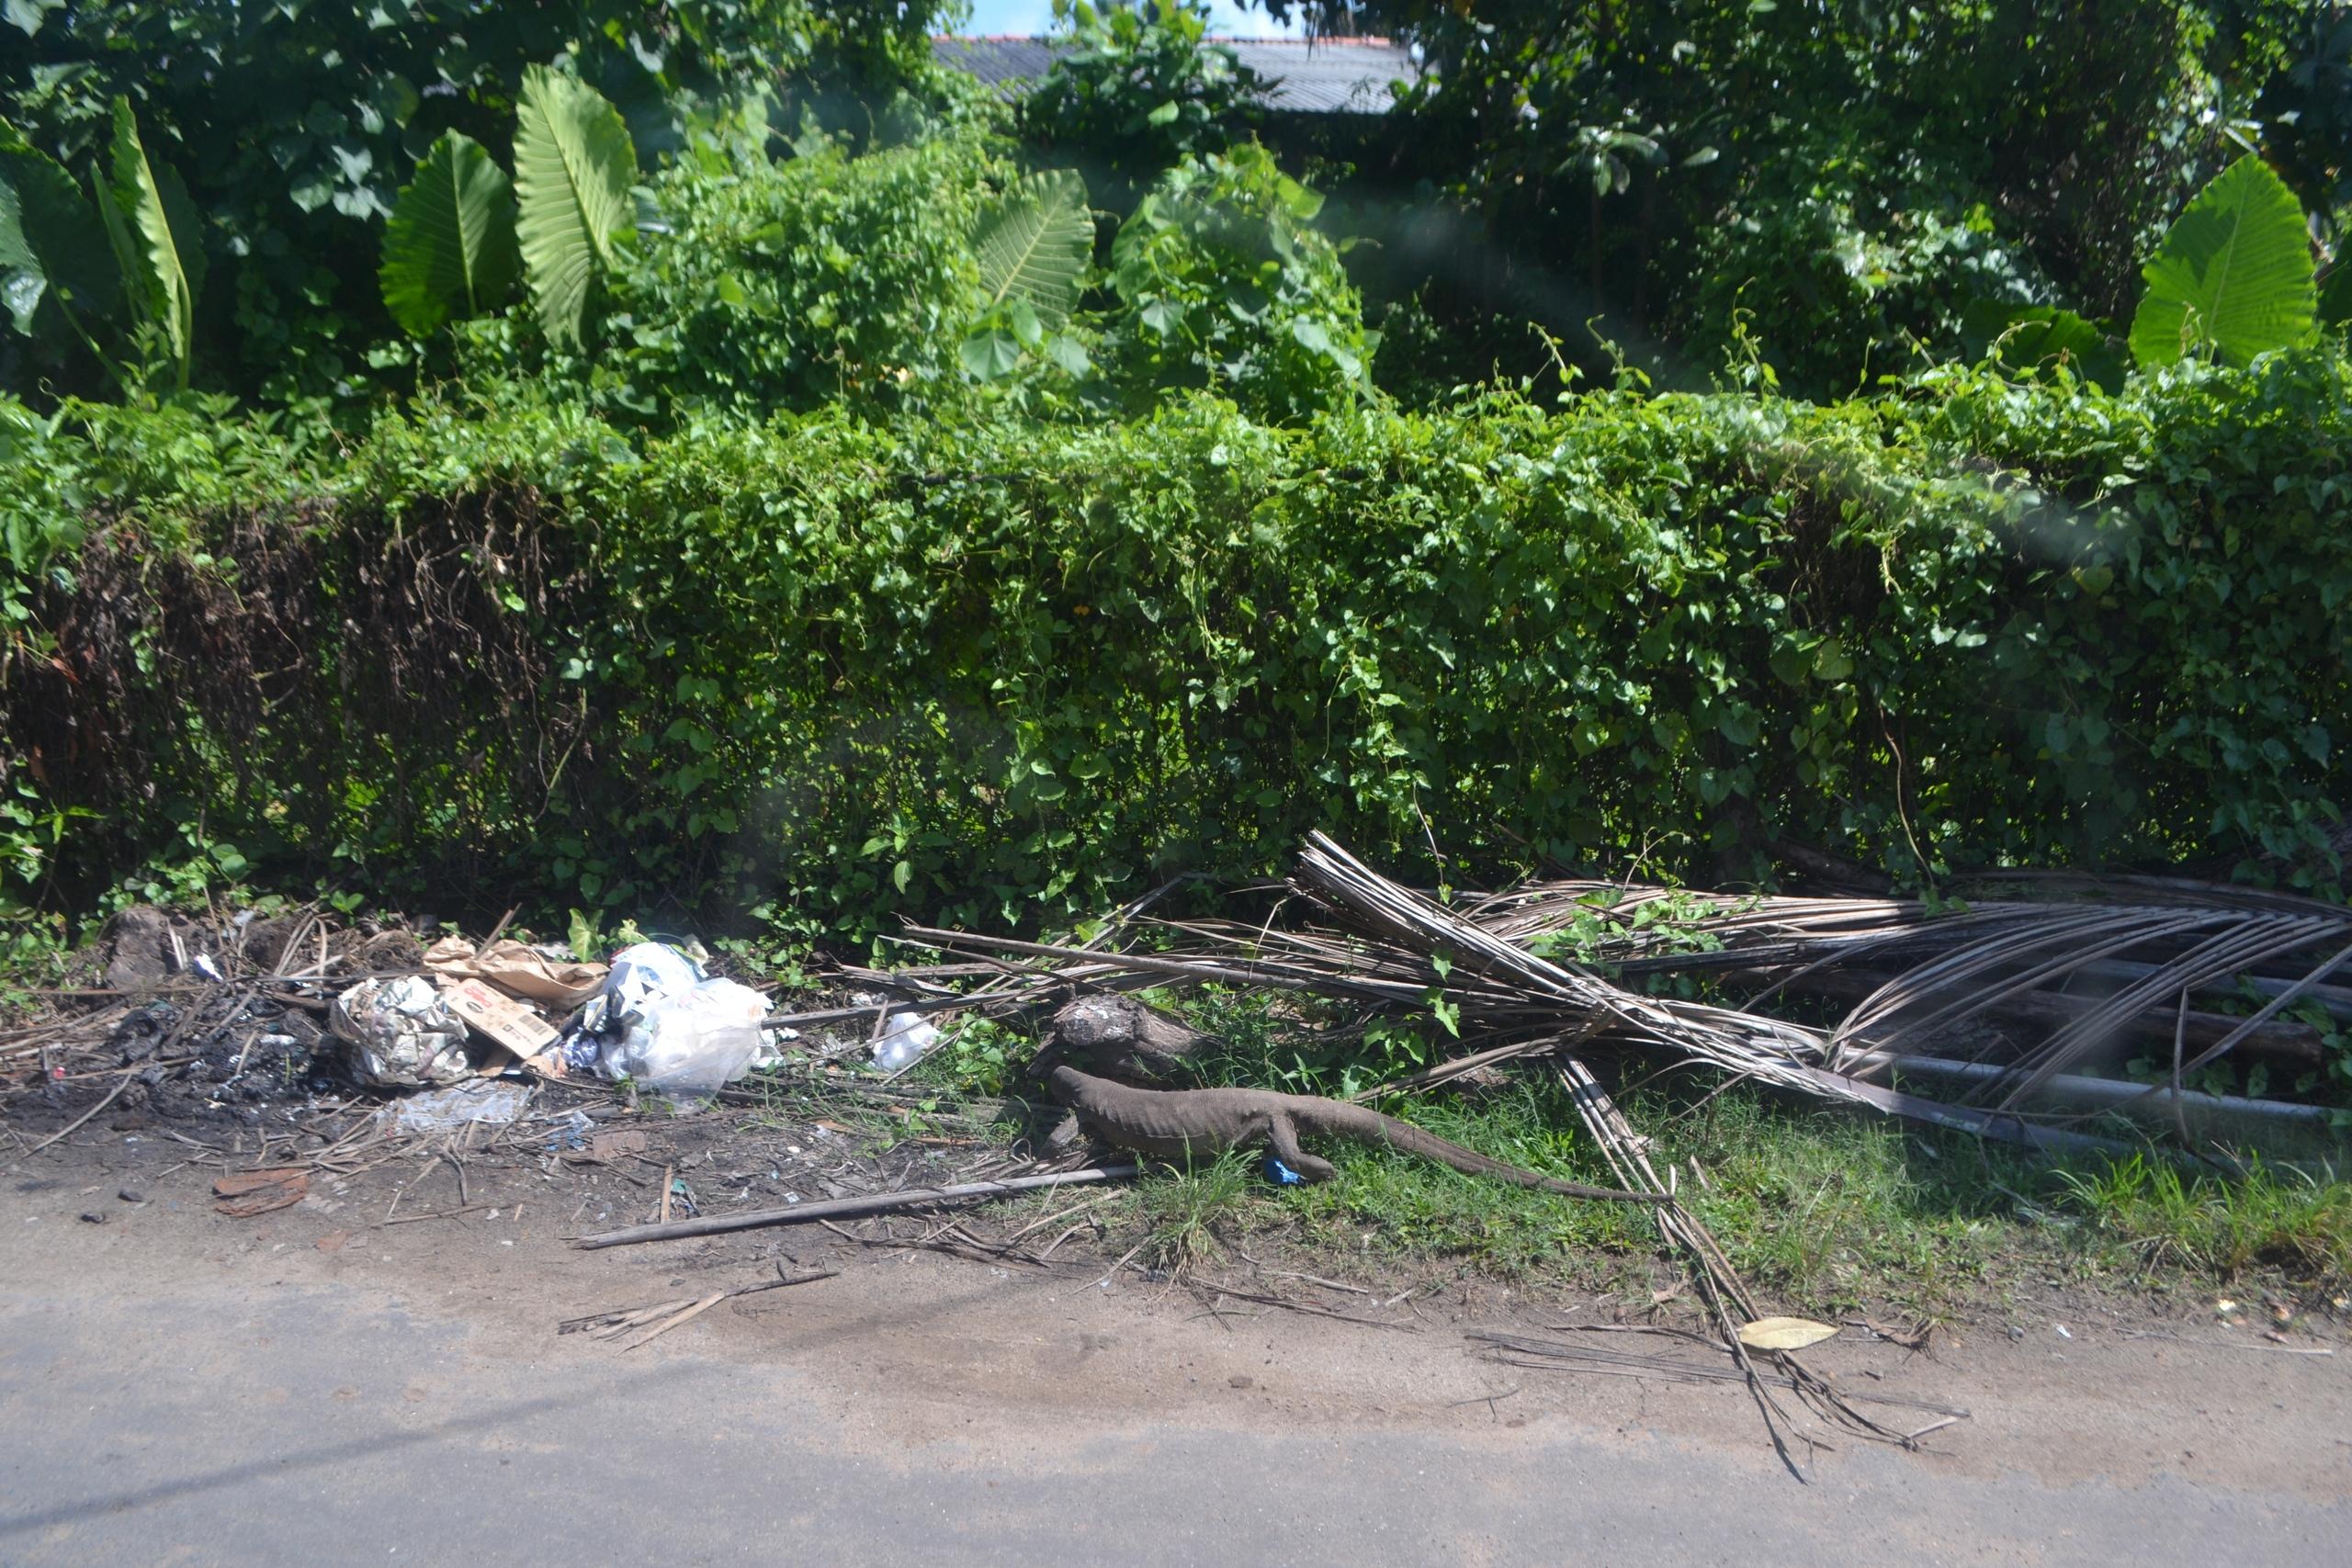 Шри Ланка (фото) - Страница 3 G0VLzfOP8Xo